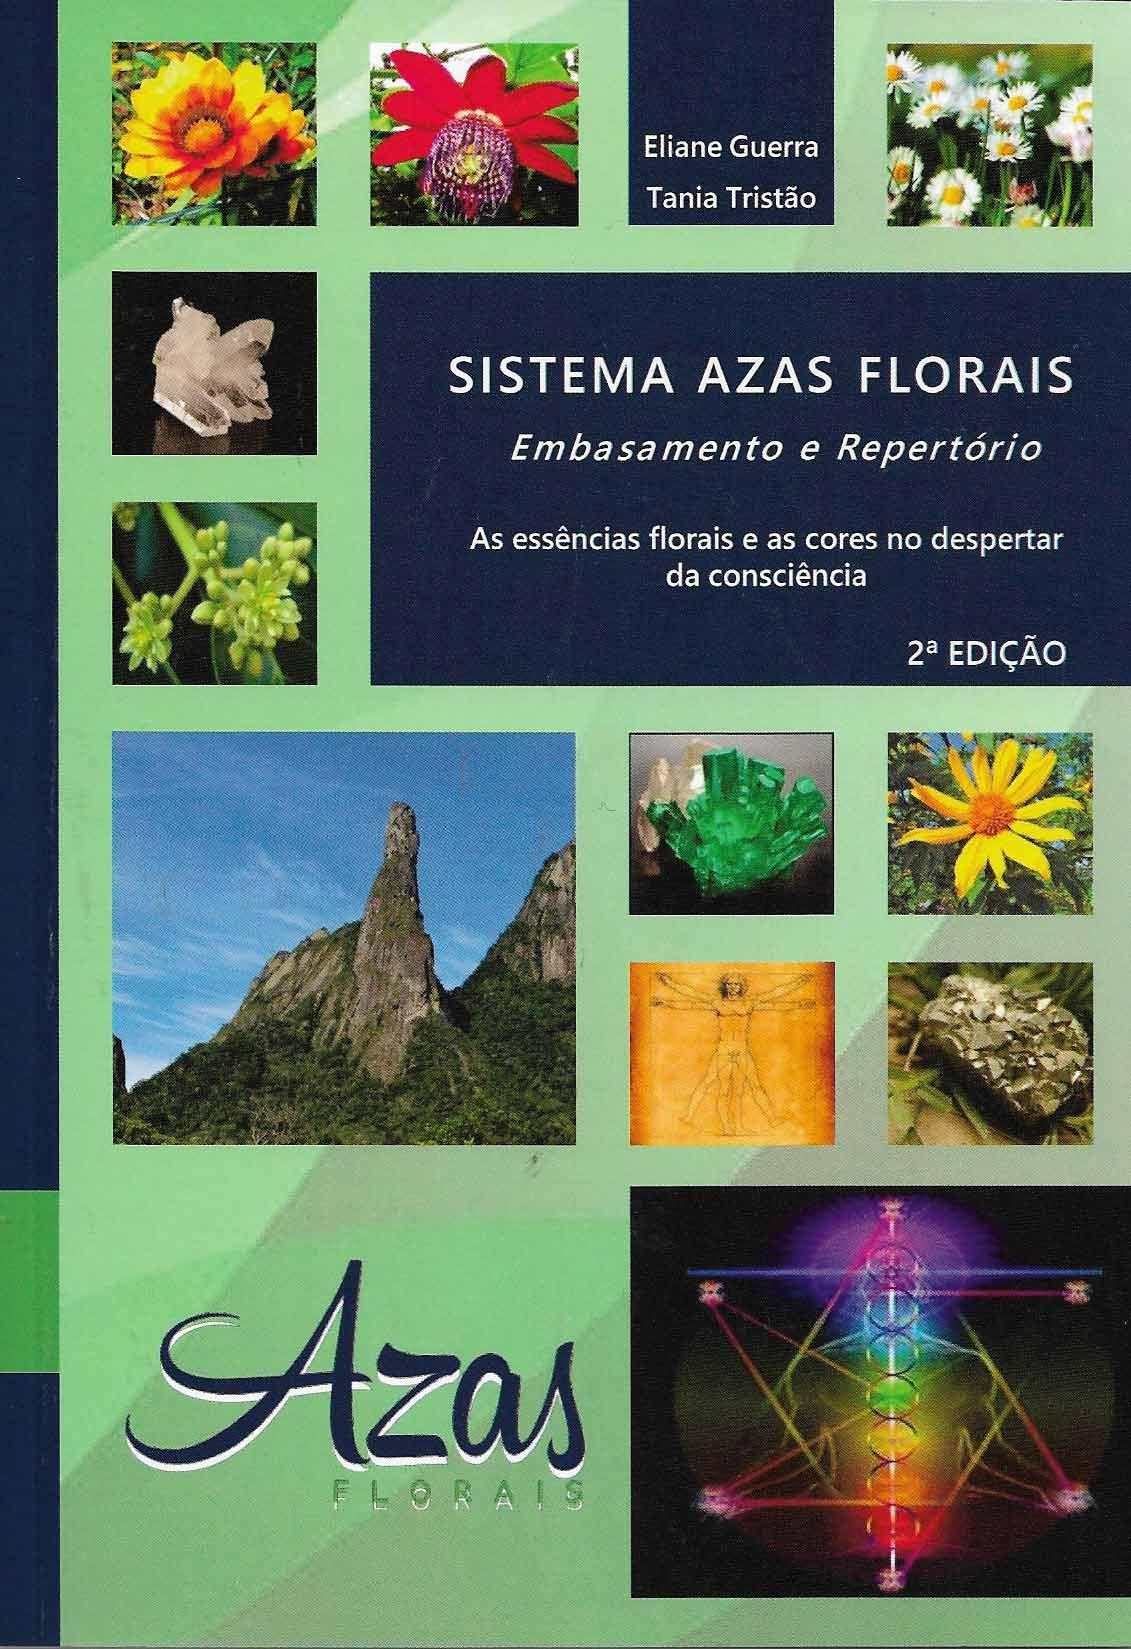 Livro Sistema Azas Florais - Embasamento e Repertório -Eliane Guerra e Tania Tristão  - Floressência